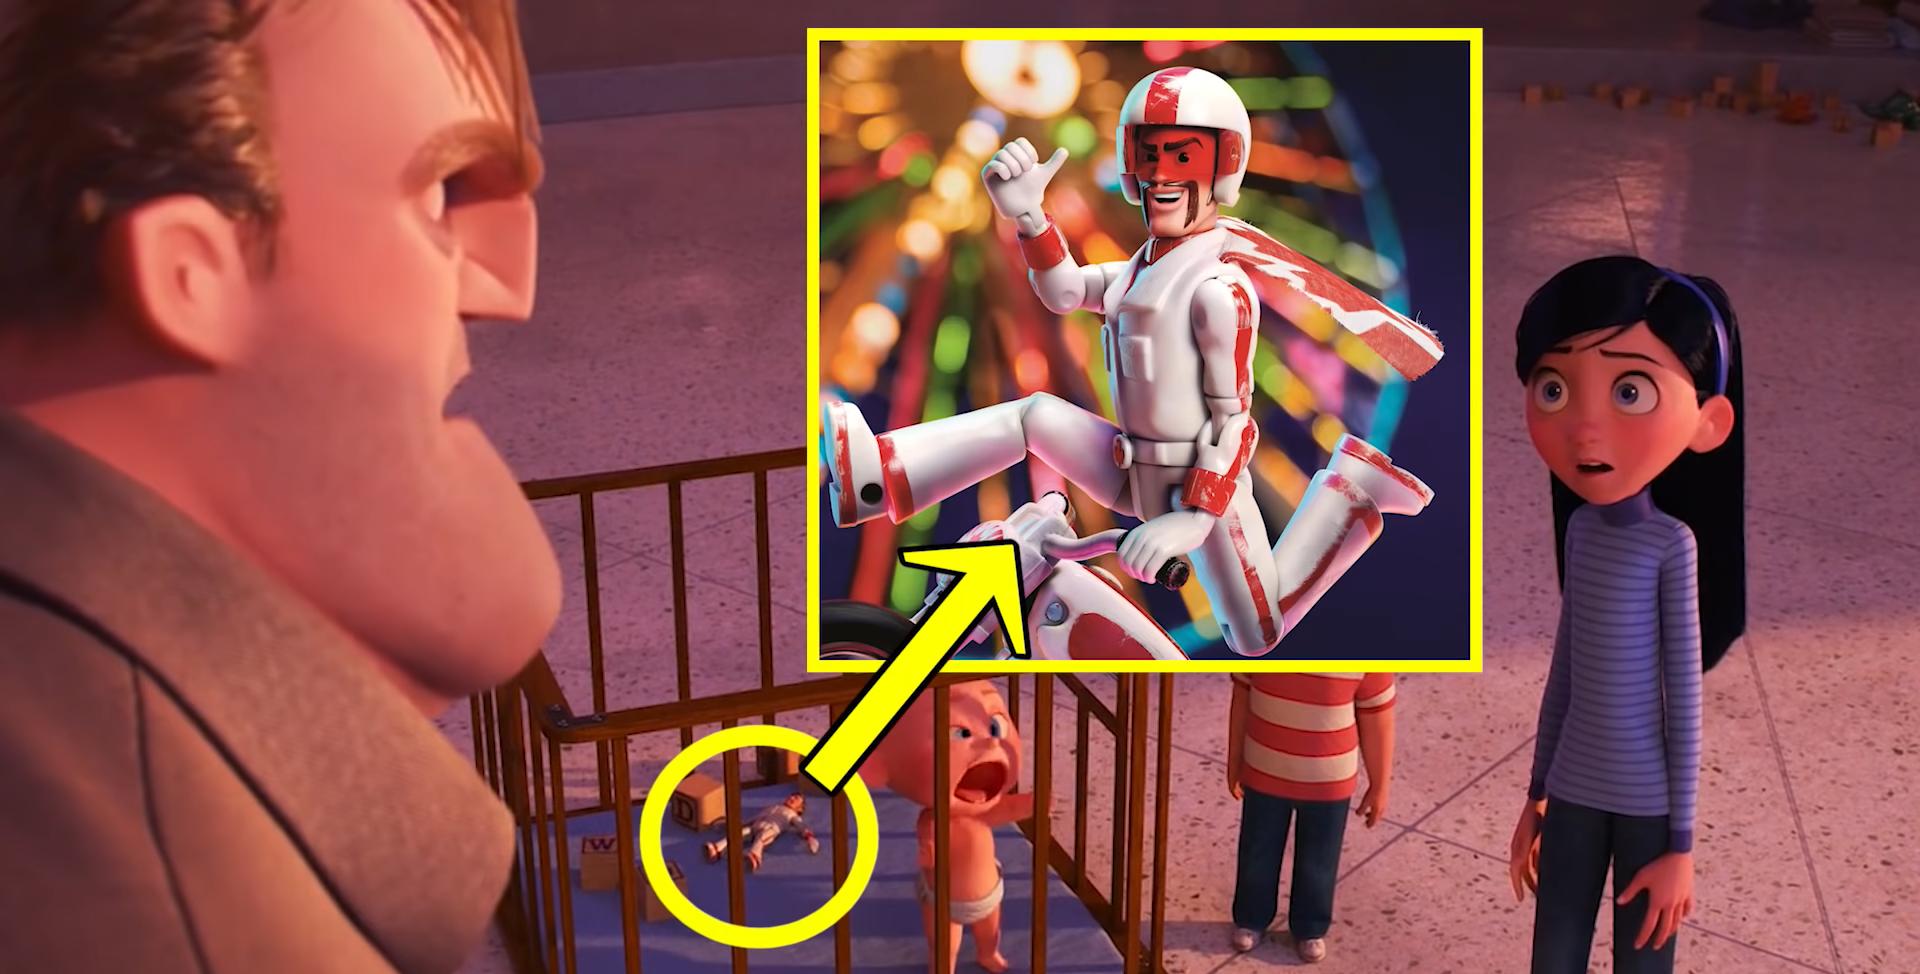 40 bí mật thú vị được giấu kĩ trong Toy Story 4 chỉ ai tinh mắt lắm mới thấy - Ảnh 25.